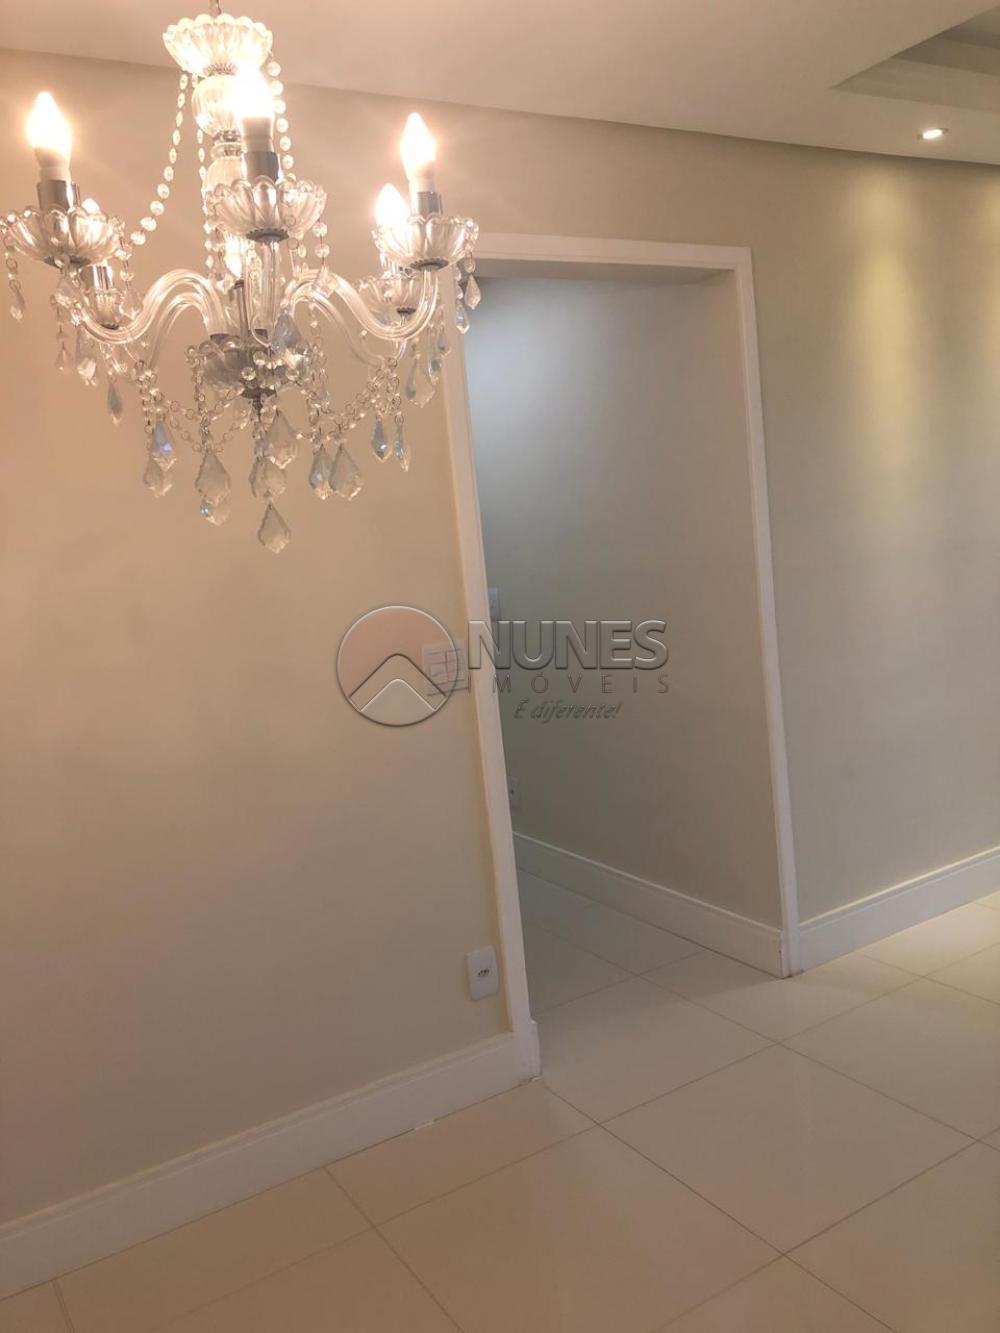 Comprar Apartamento / Padrão em Barueri apenas R$ 520.000,00 - Foto 3